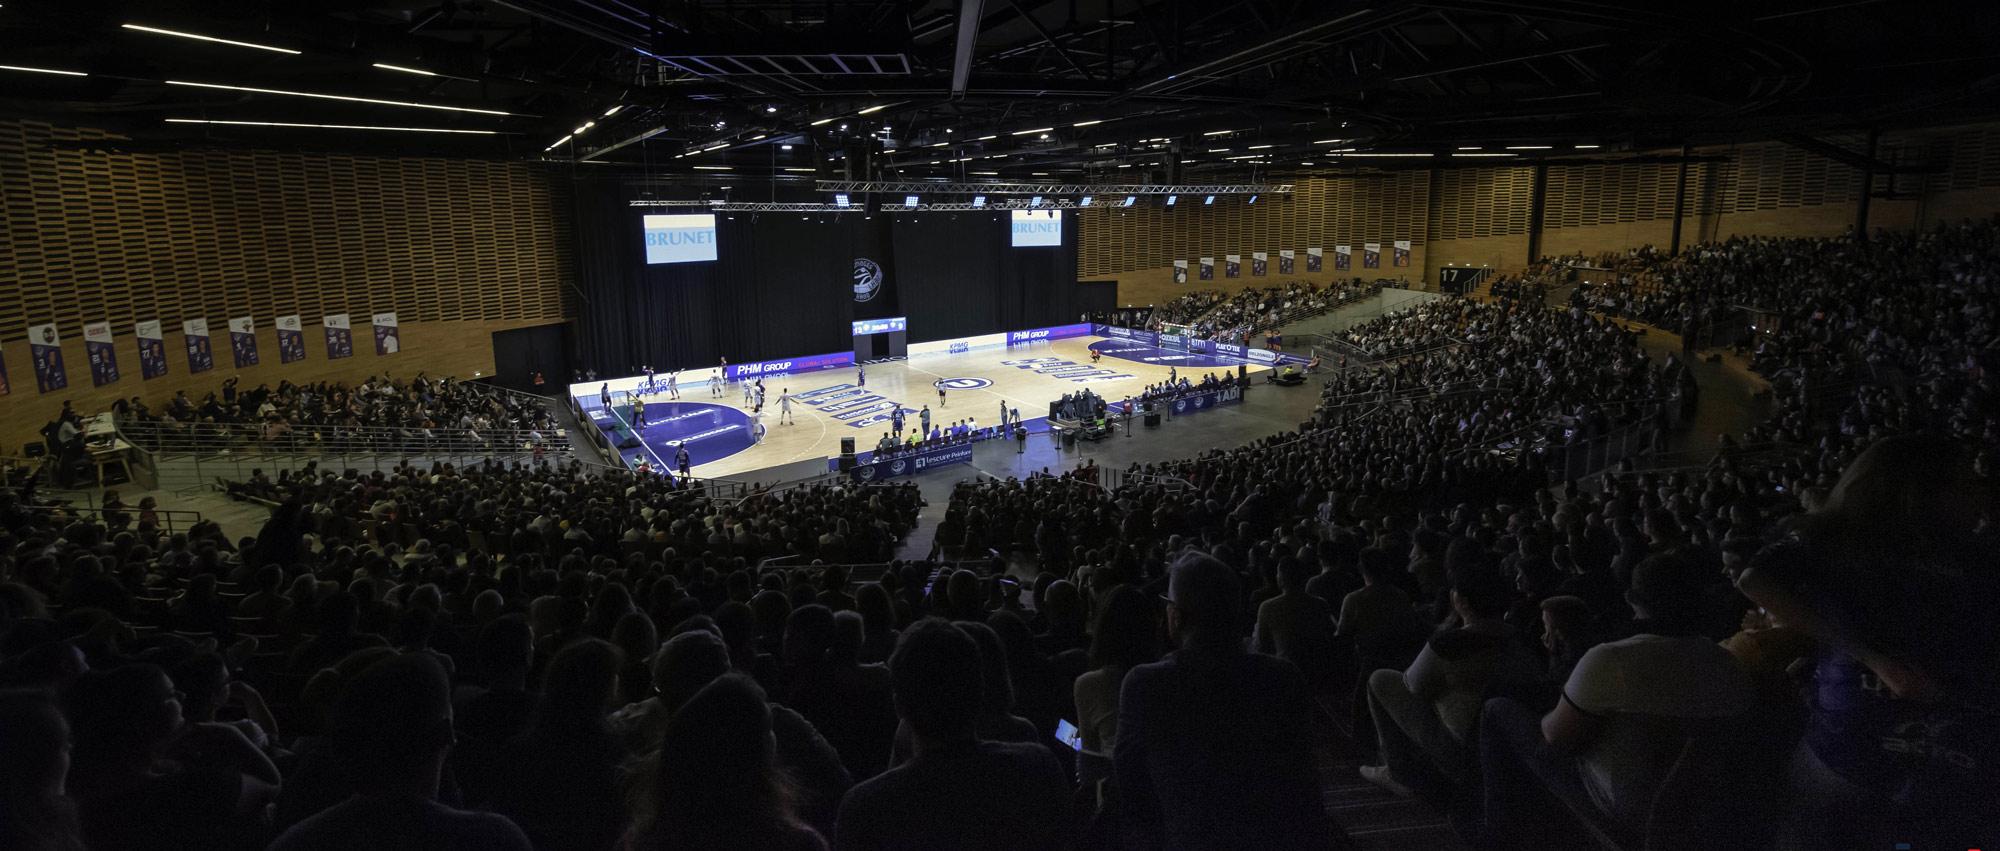 Le 20 décembre 2019 dans le cadre de la 13ème journée de Proligue, Limoges a reçu Strasbourg au Zénith devant plus de 4300 personnes.